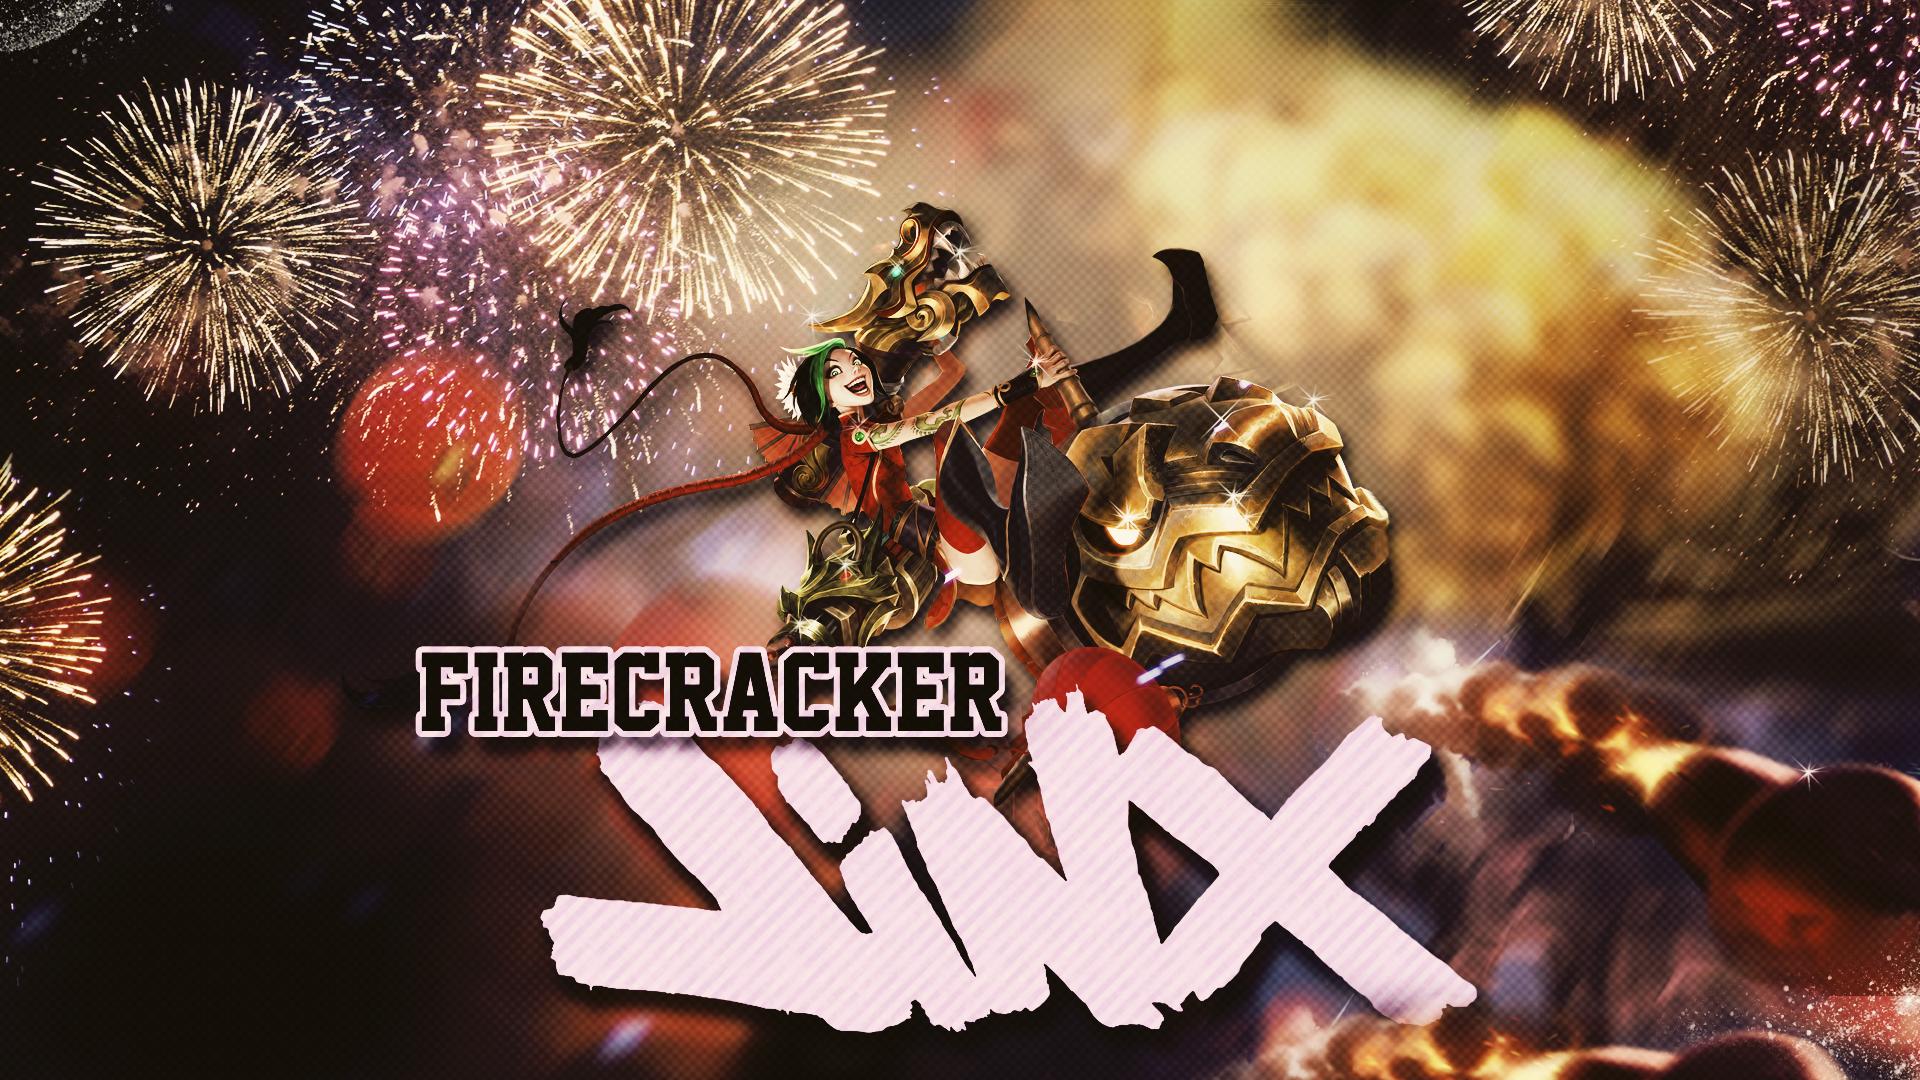 Firecracker Jinx Wallpaper